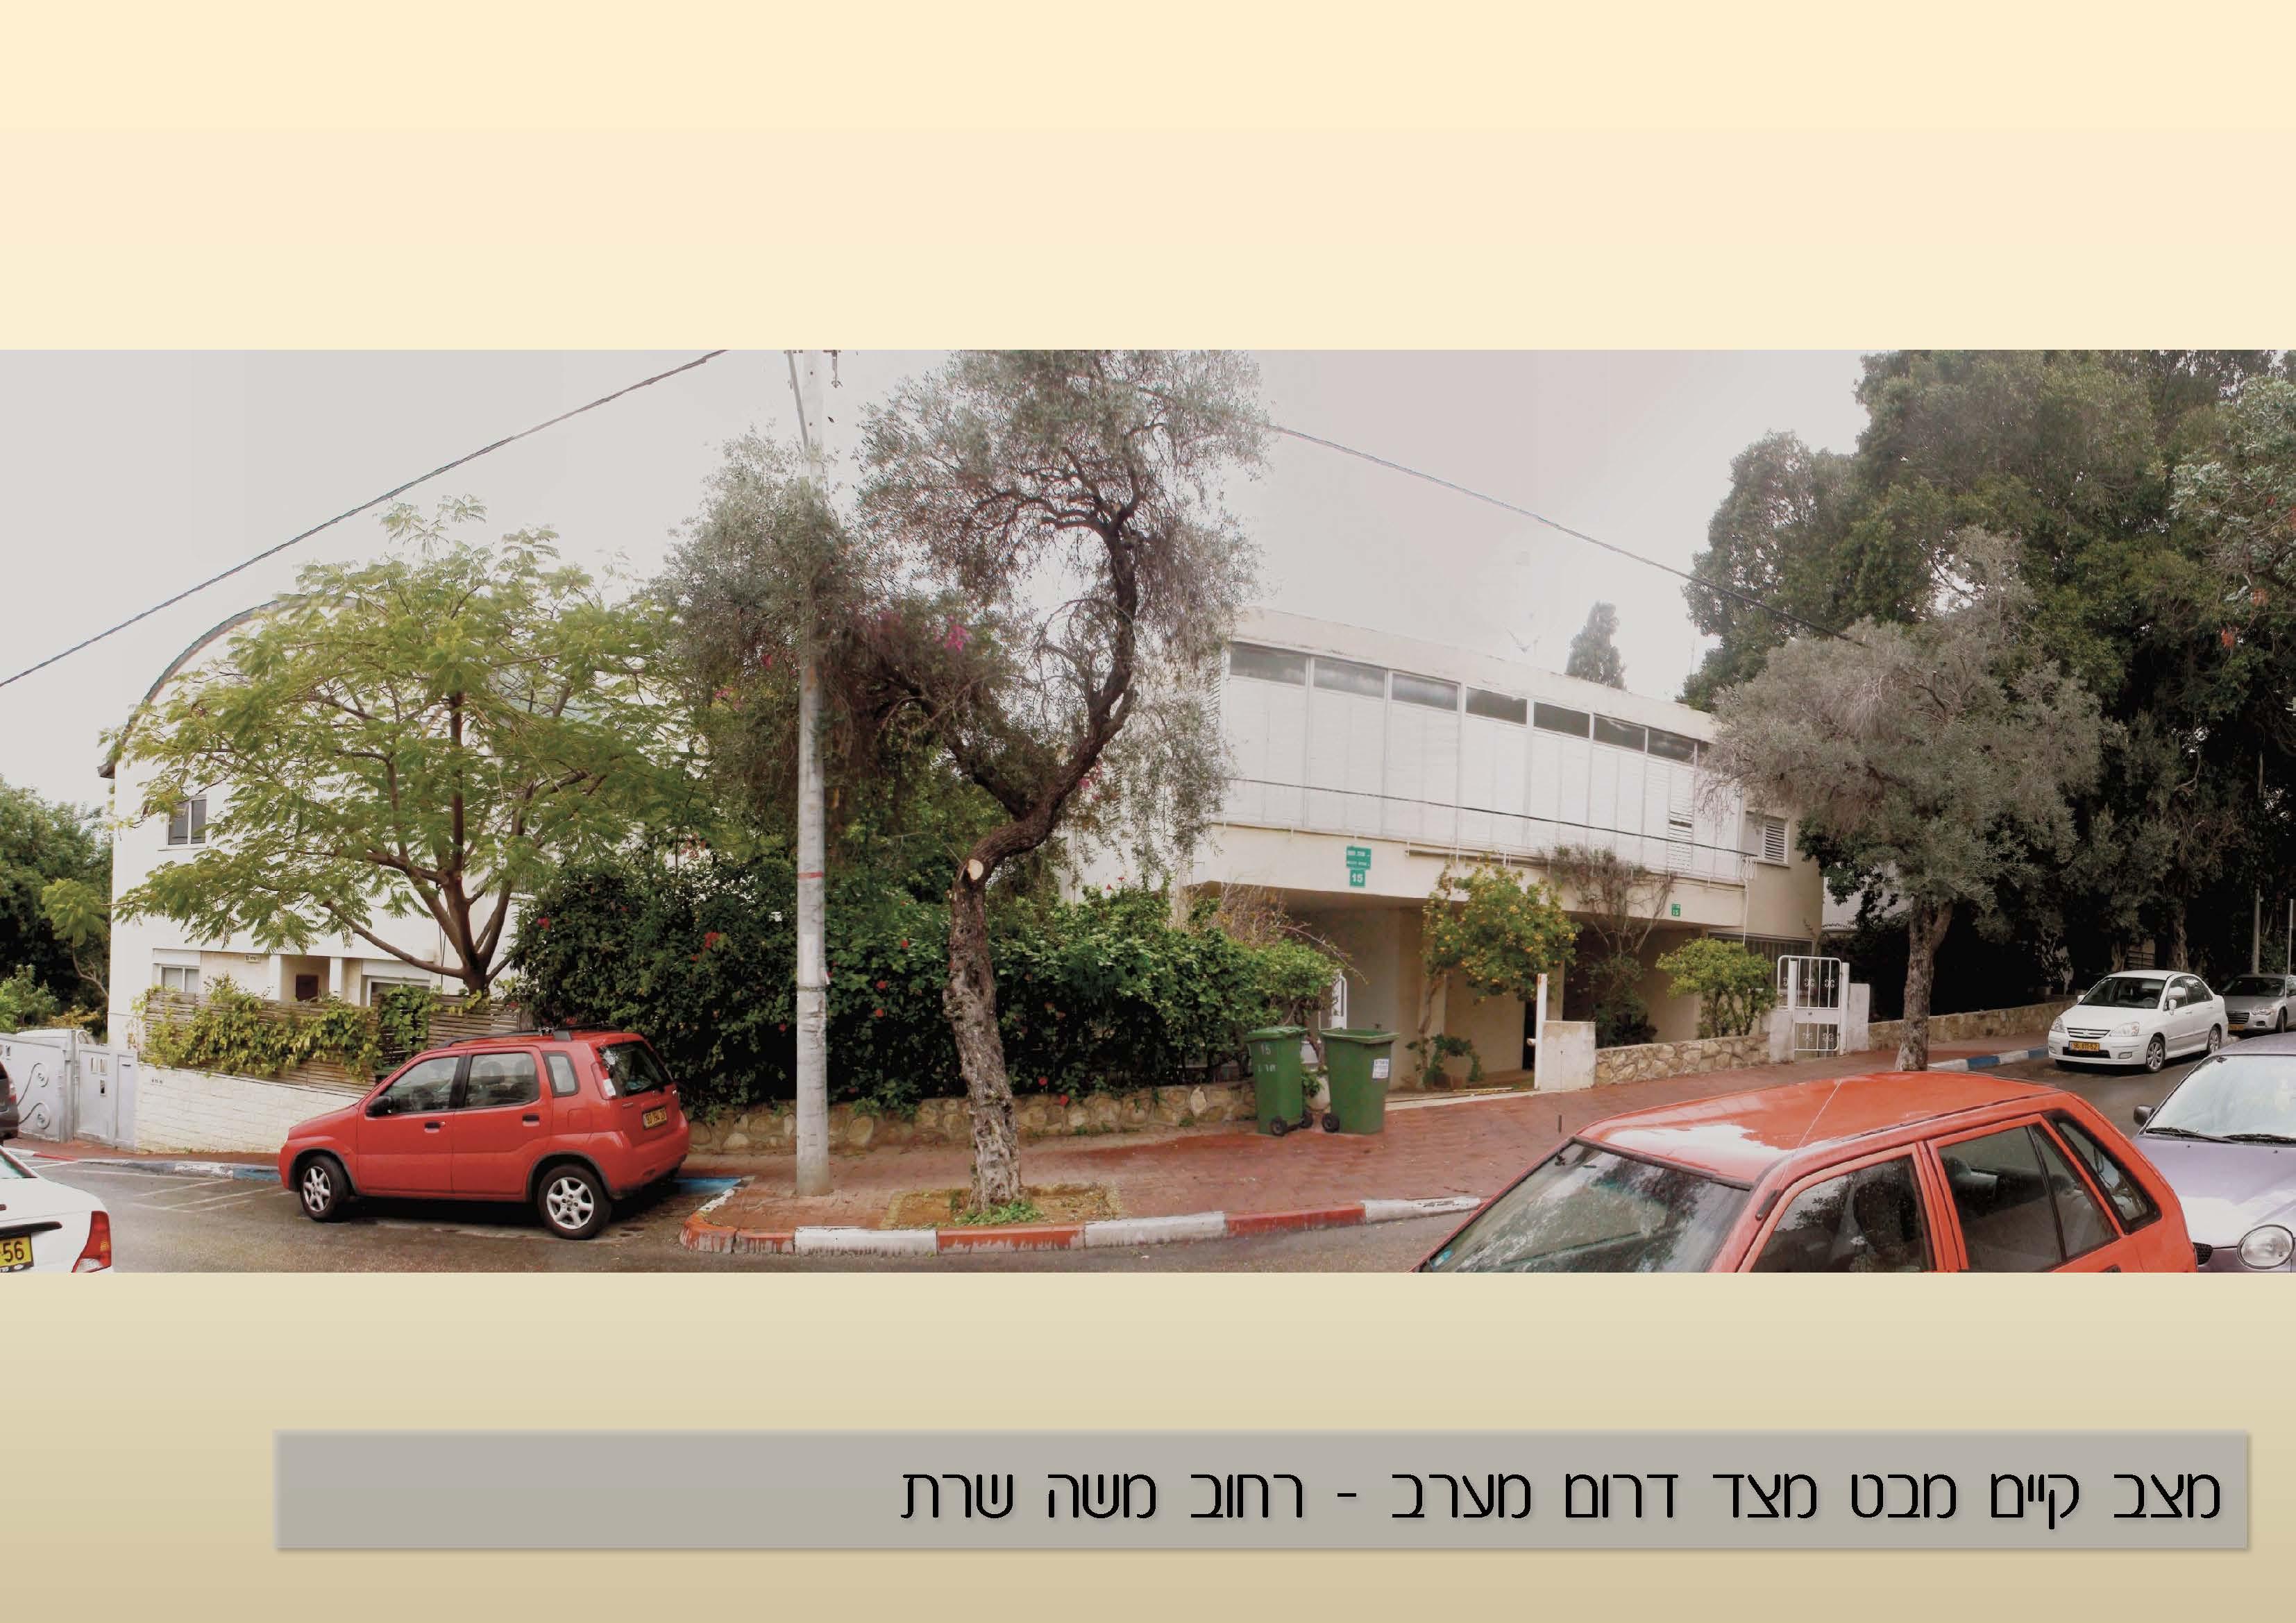 בית קיים - שרת 15 מרת גן